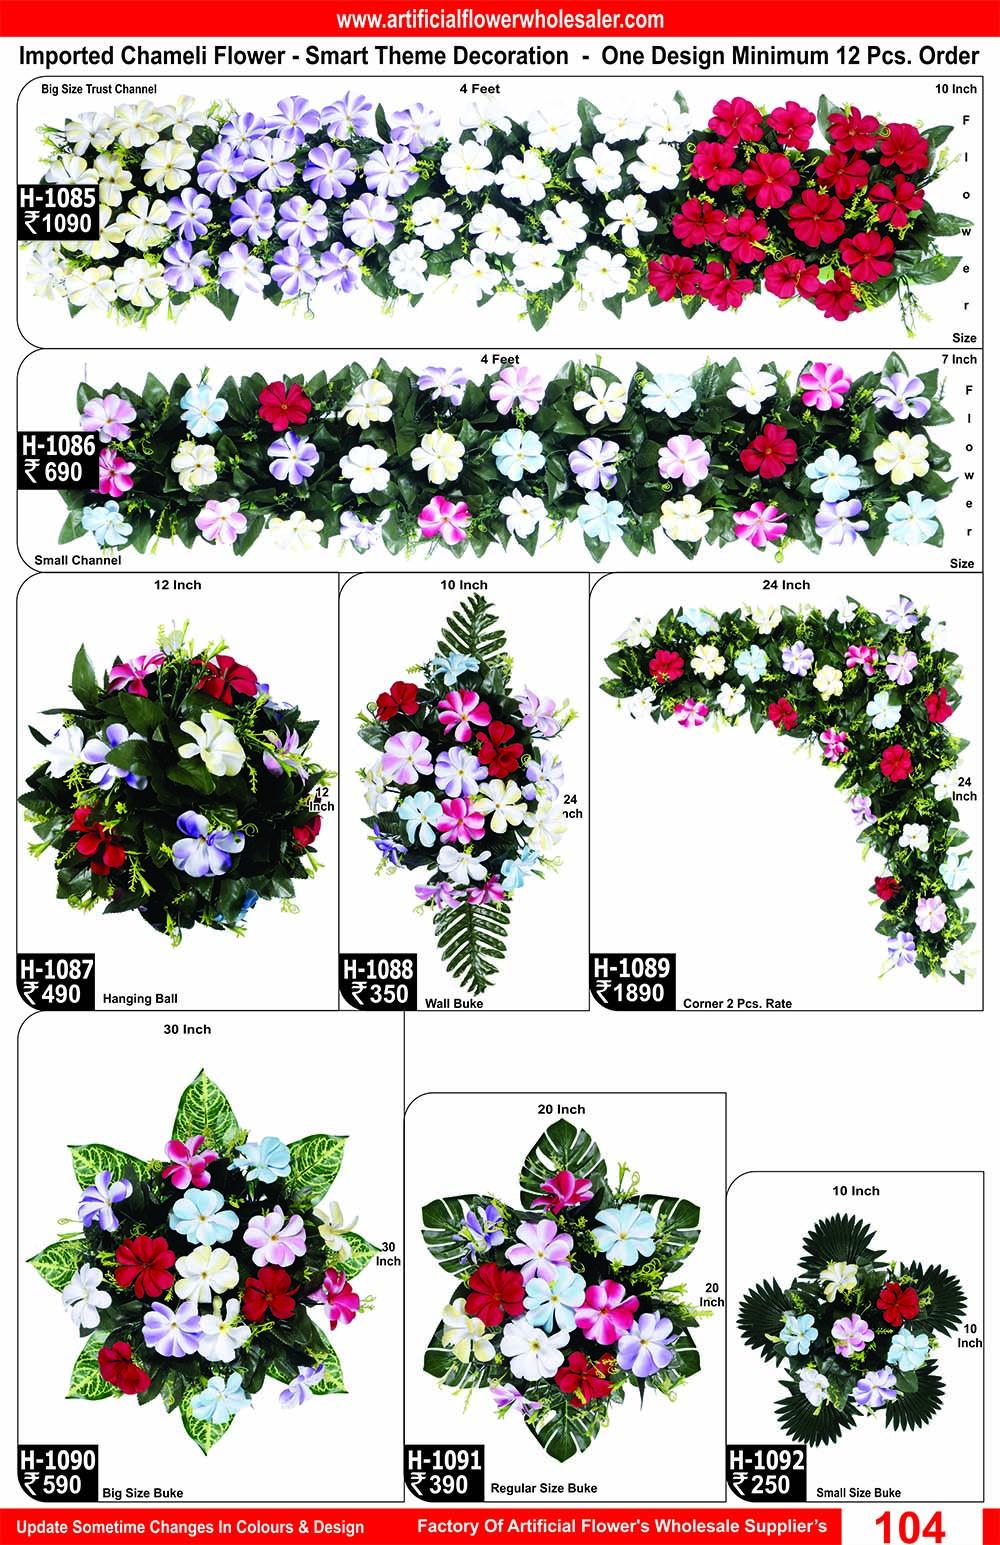 104-artificial-flower-wholesaler